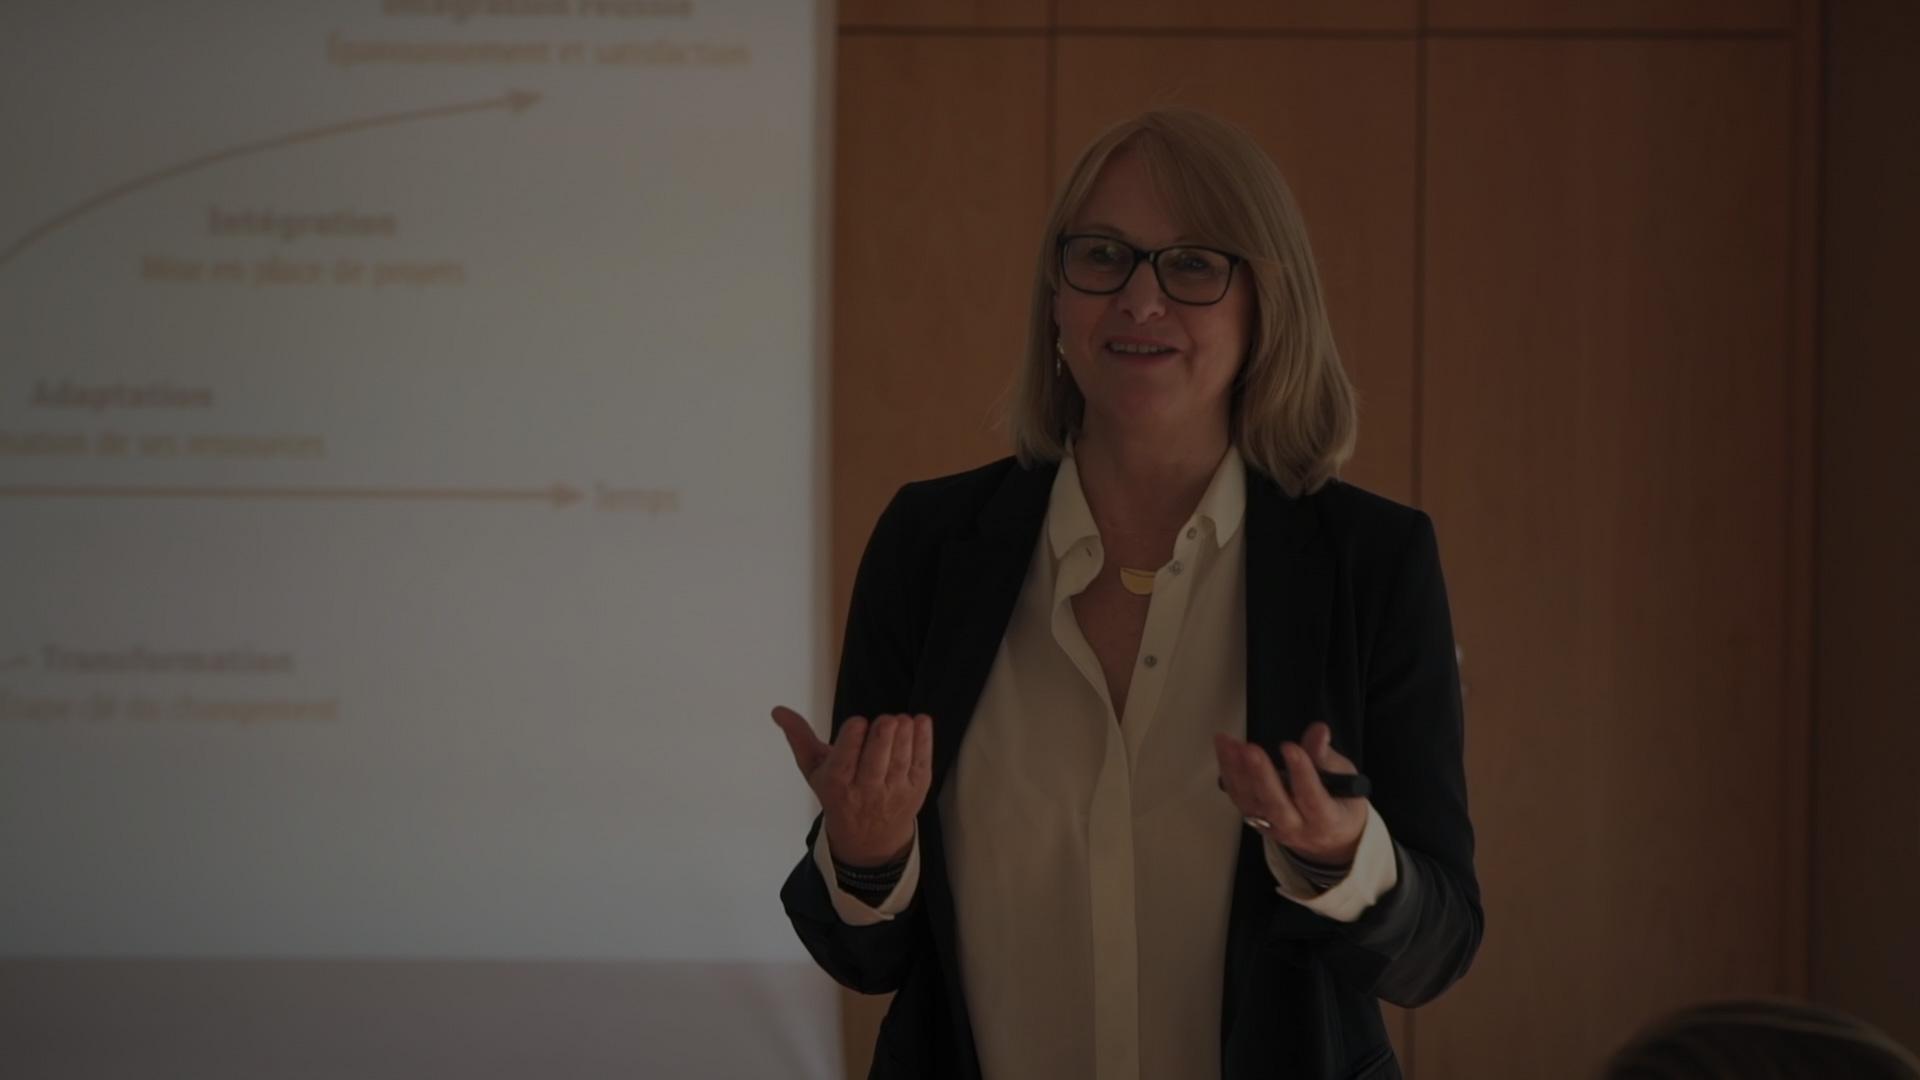 Pia Abildgaard, træner i interkulturel ledelse, samarbejdsprocesser og kommunikation